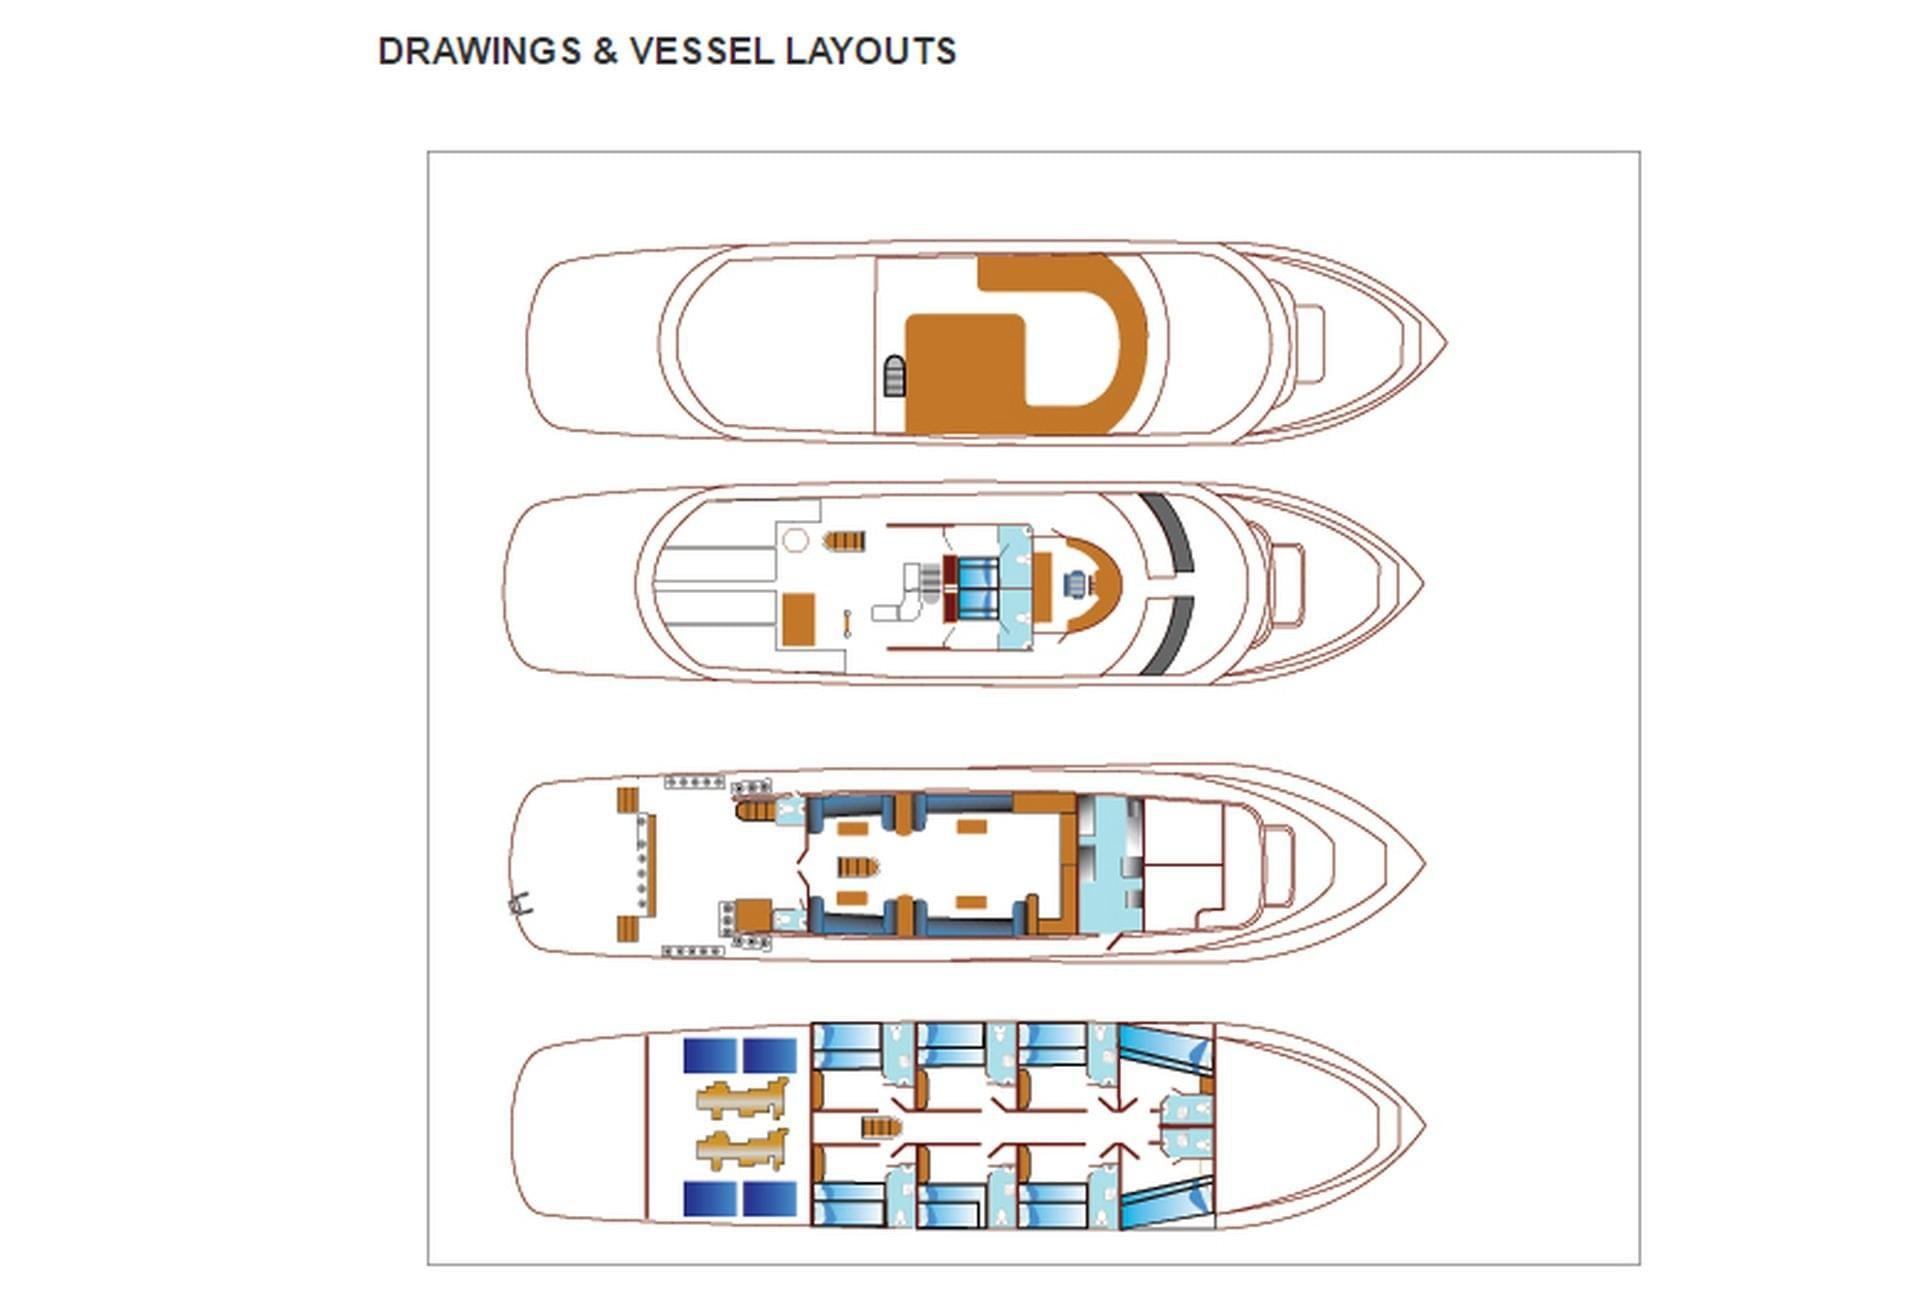 Plano de cubierta